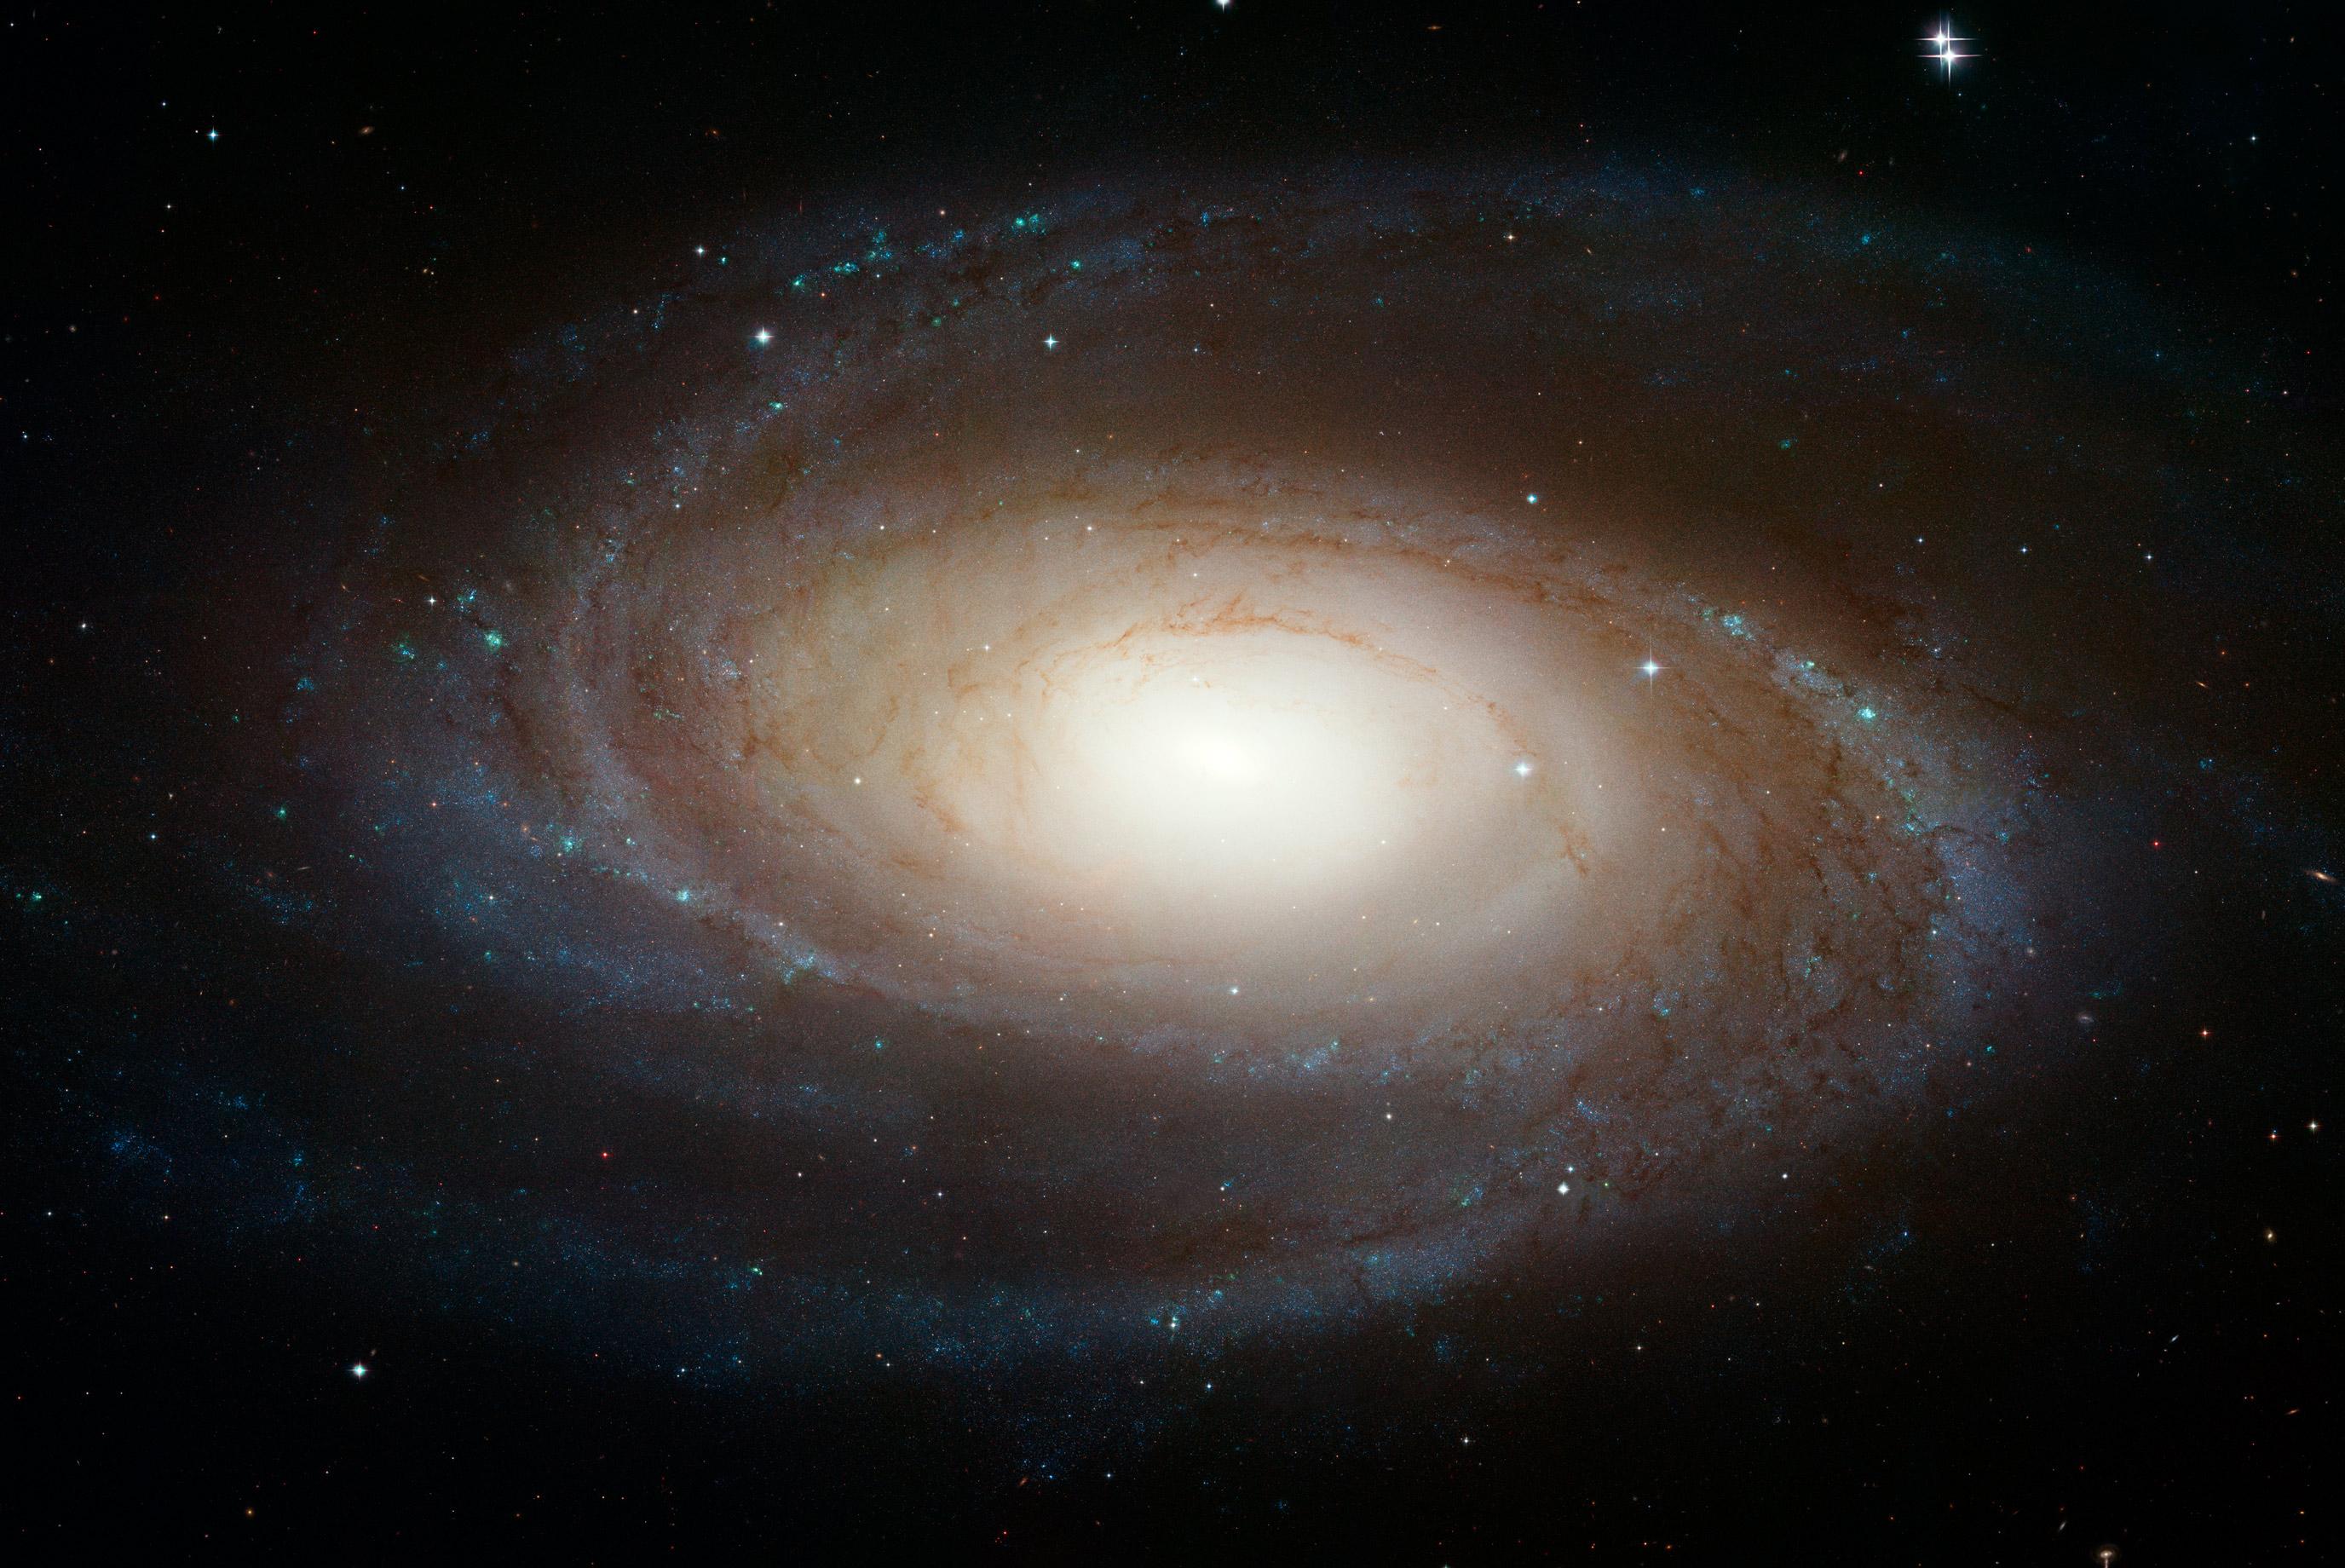 Kết quả hình ảnh cho Messier 81